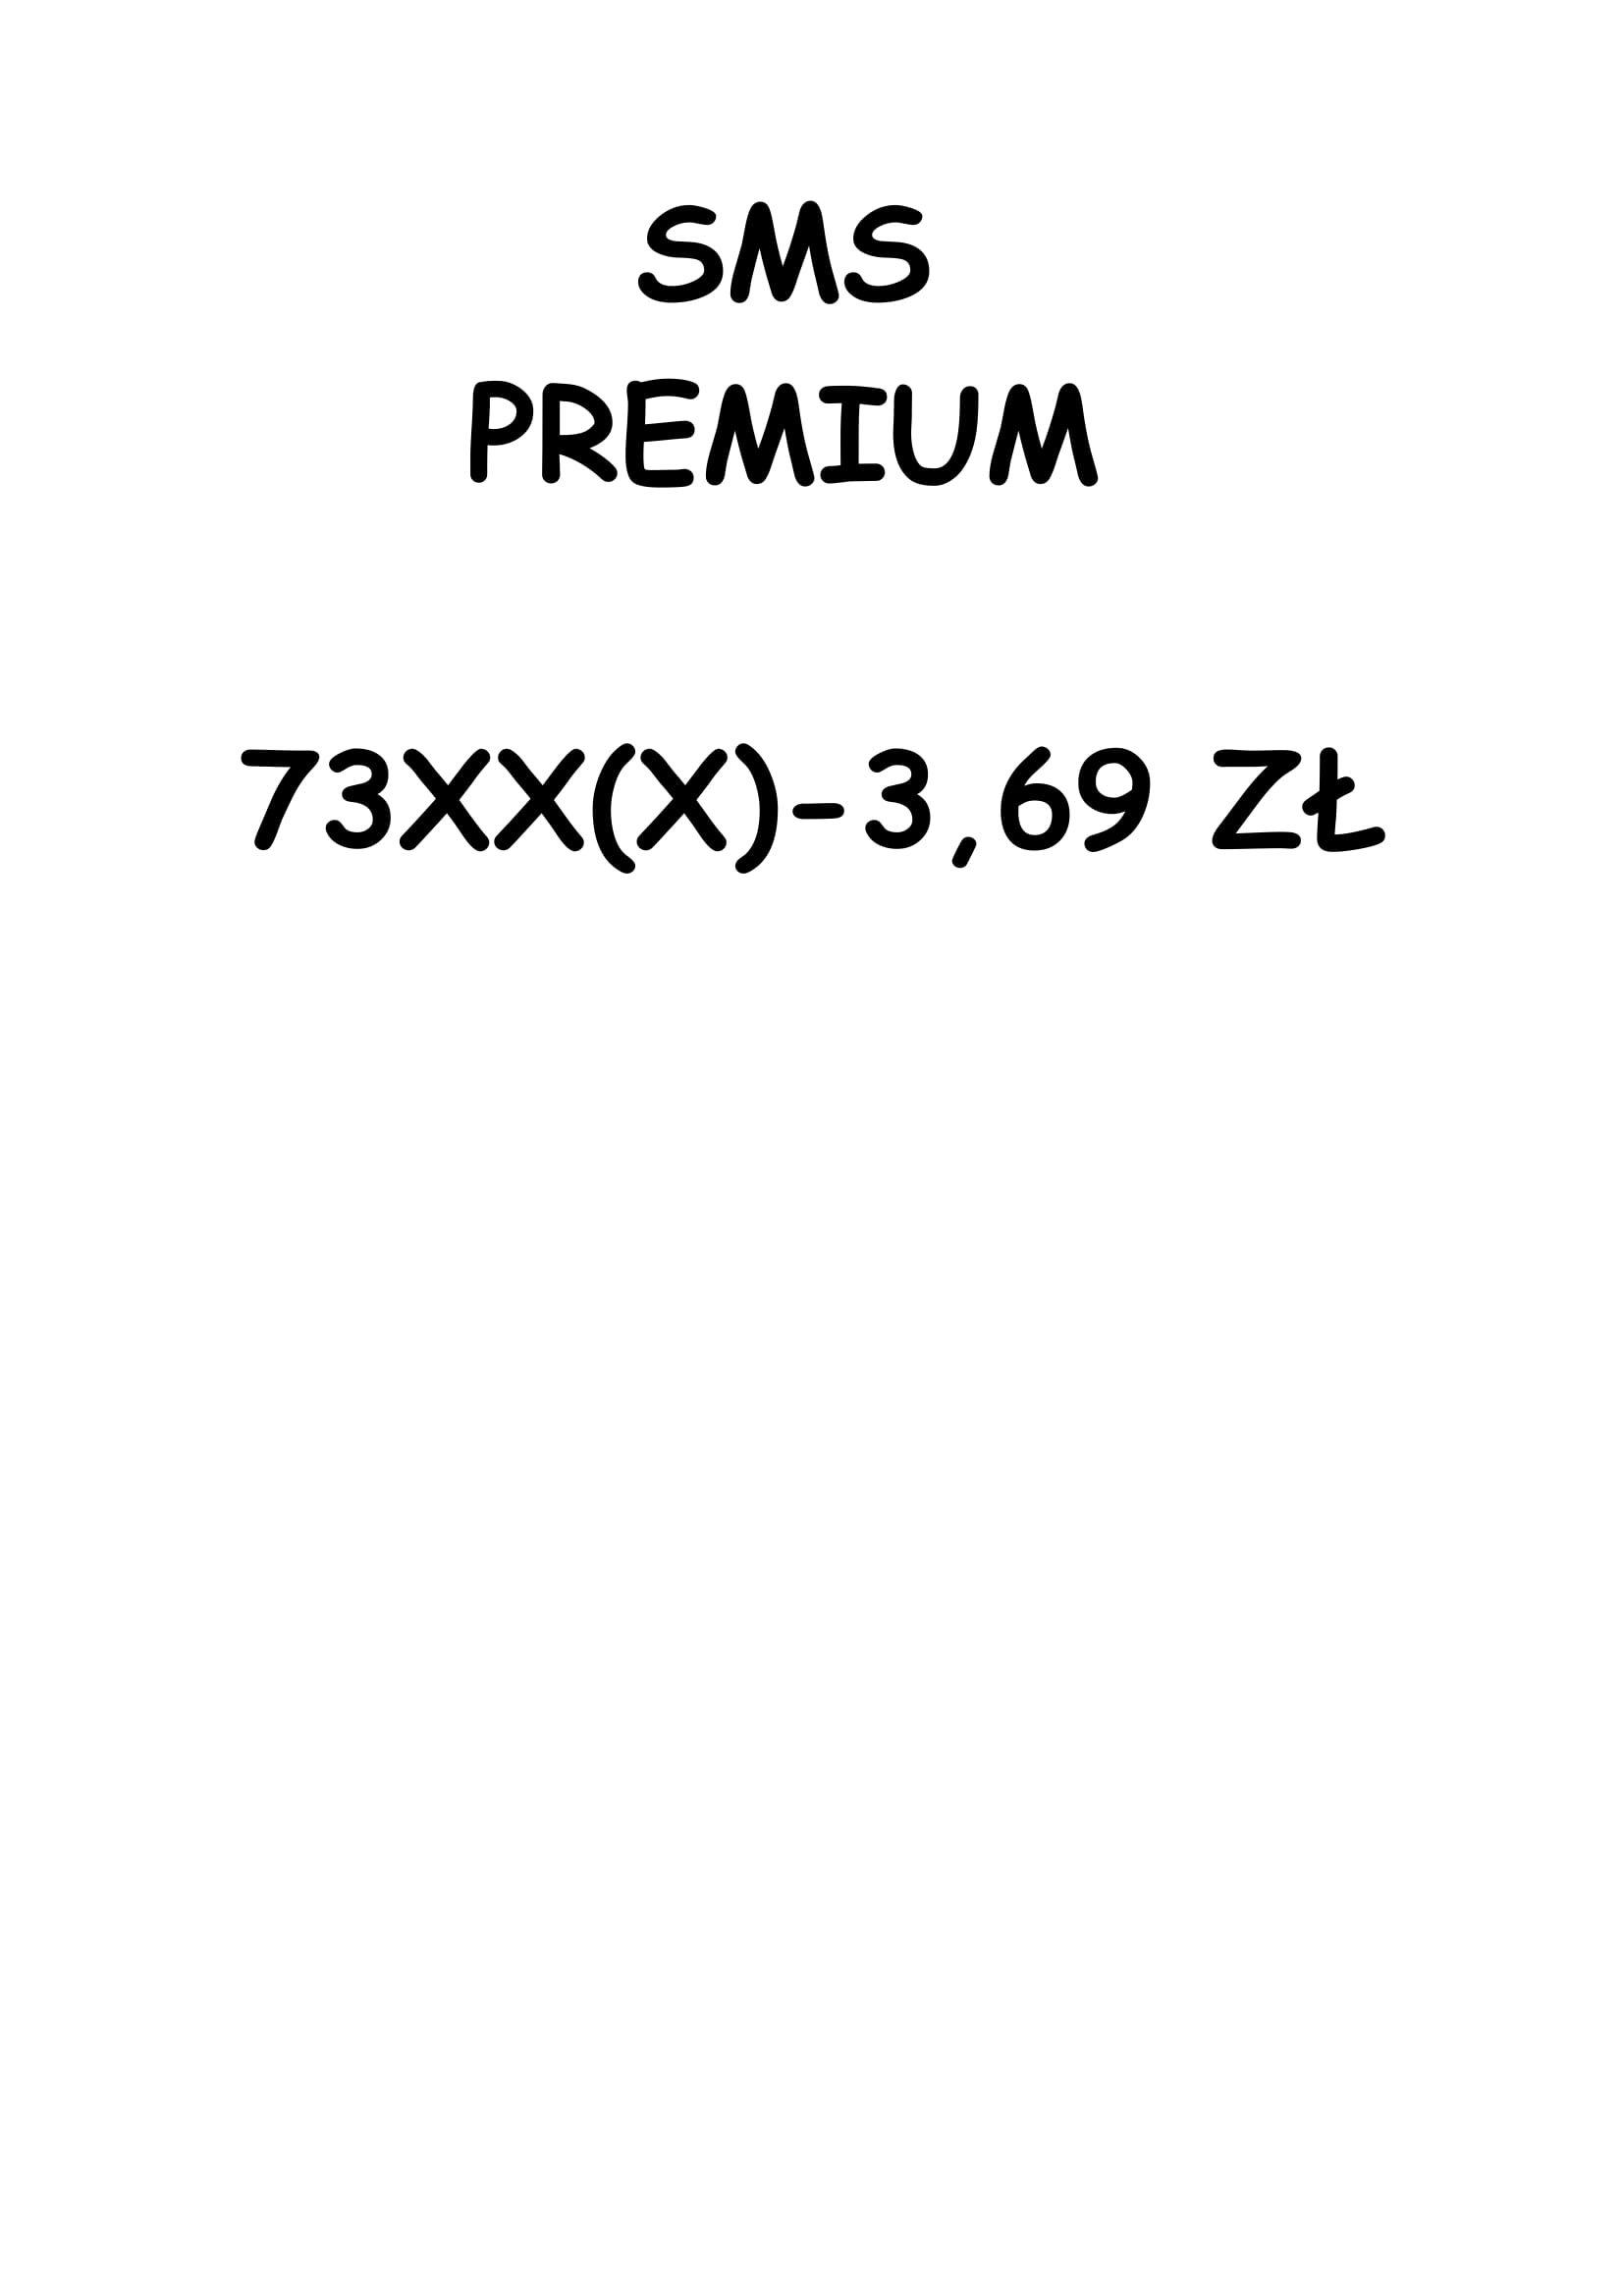 SMS PREMIUM 73XX(X) 3,69 ZŁ NAJTANIEJ!OKAZJA!